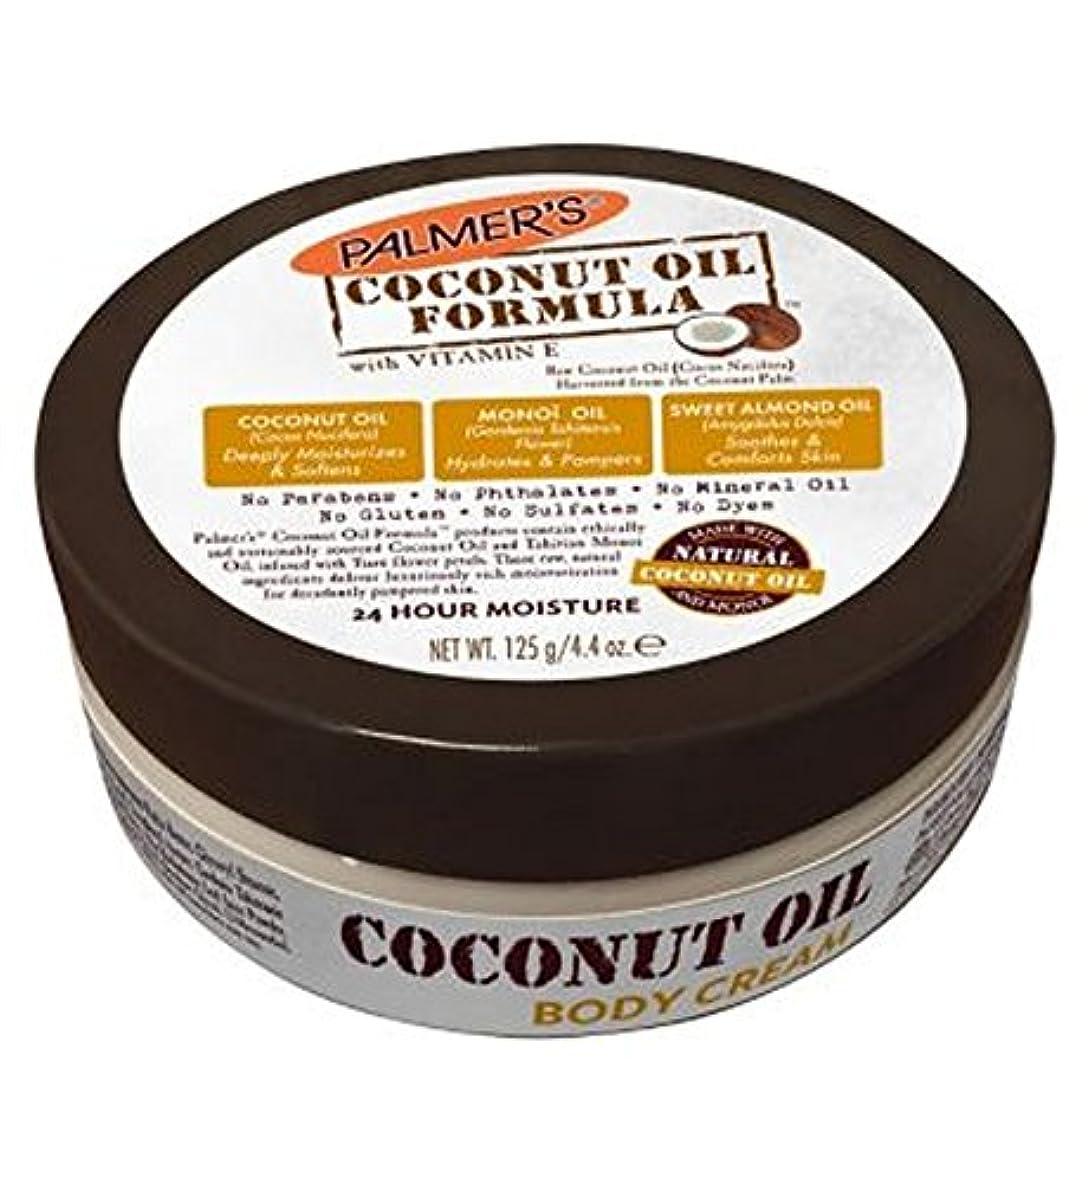 悲劇的な基礎冊子Palmer's Coconut Oil Formula Body Cream 125g - パーマーのヤシ油式ボディクリーム125グラム (Palmer's) [並行輸入品]